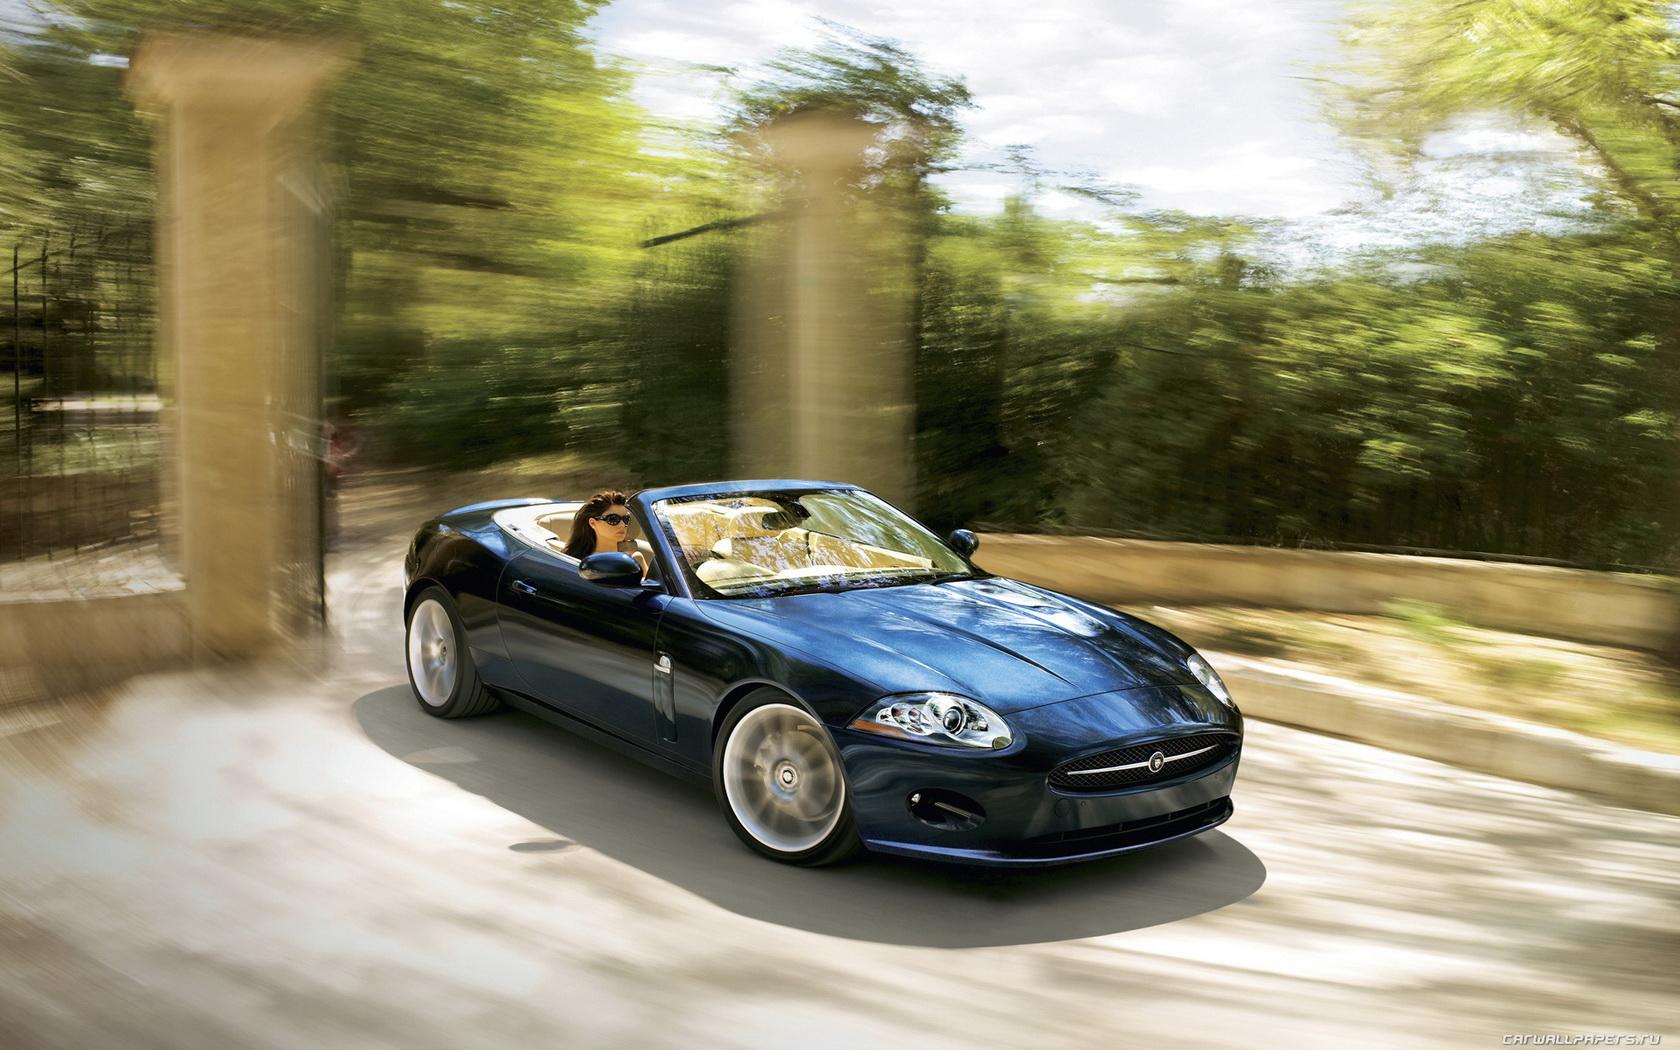 Jaguar Car Wallpapers  Full HD wallpaper search